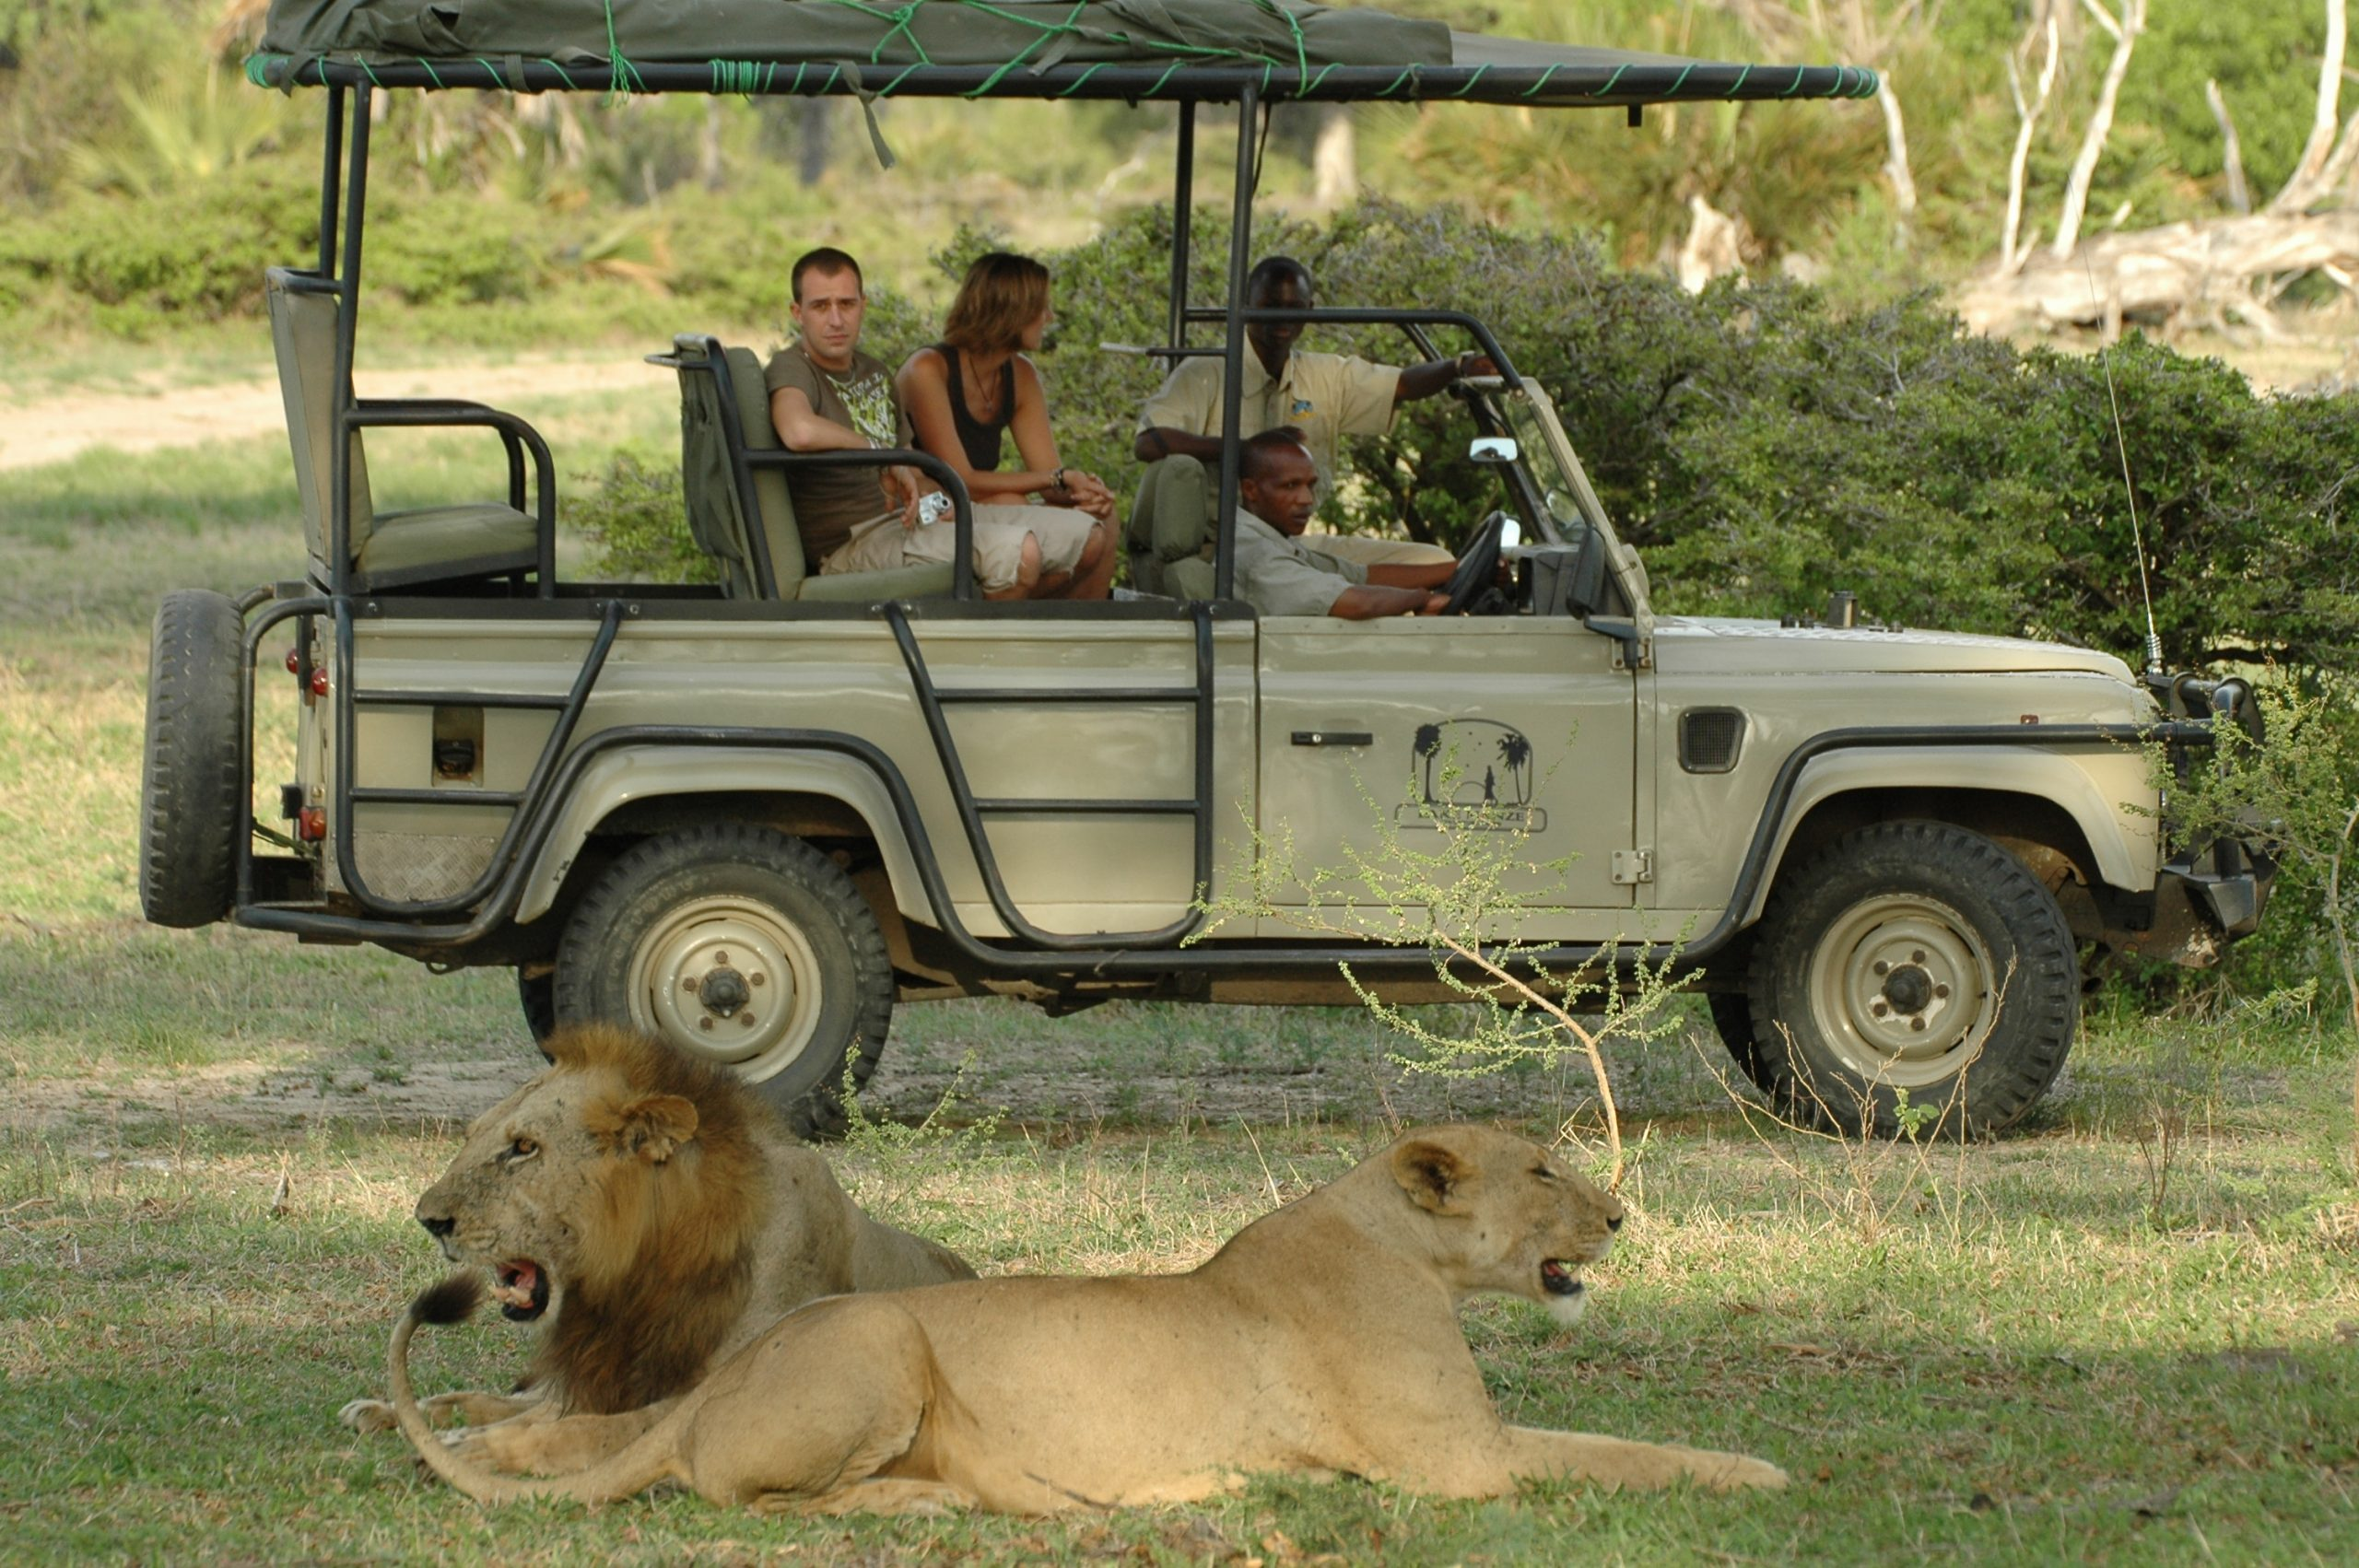 Ngorongoro Crater Safari – 3 days, 2 nights